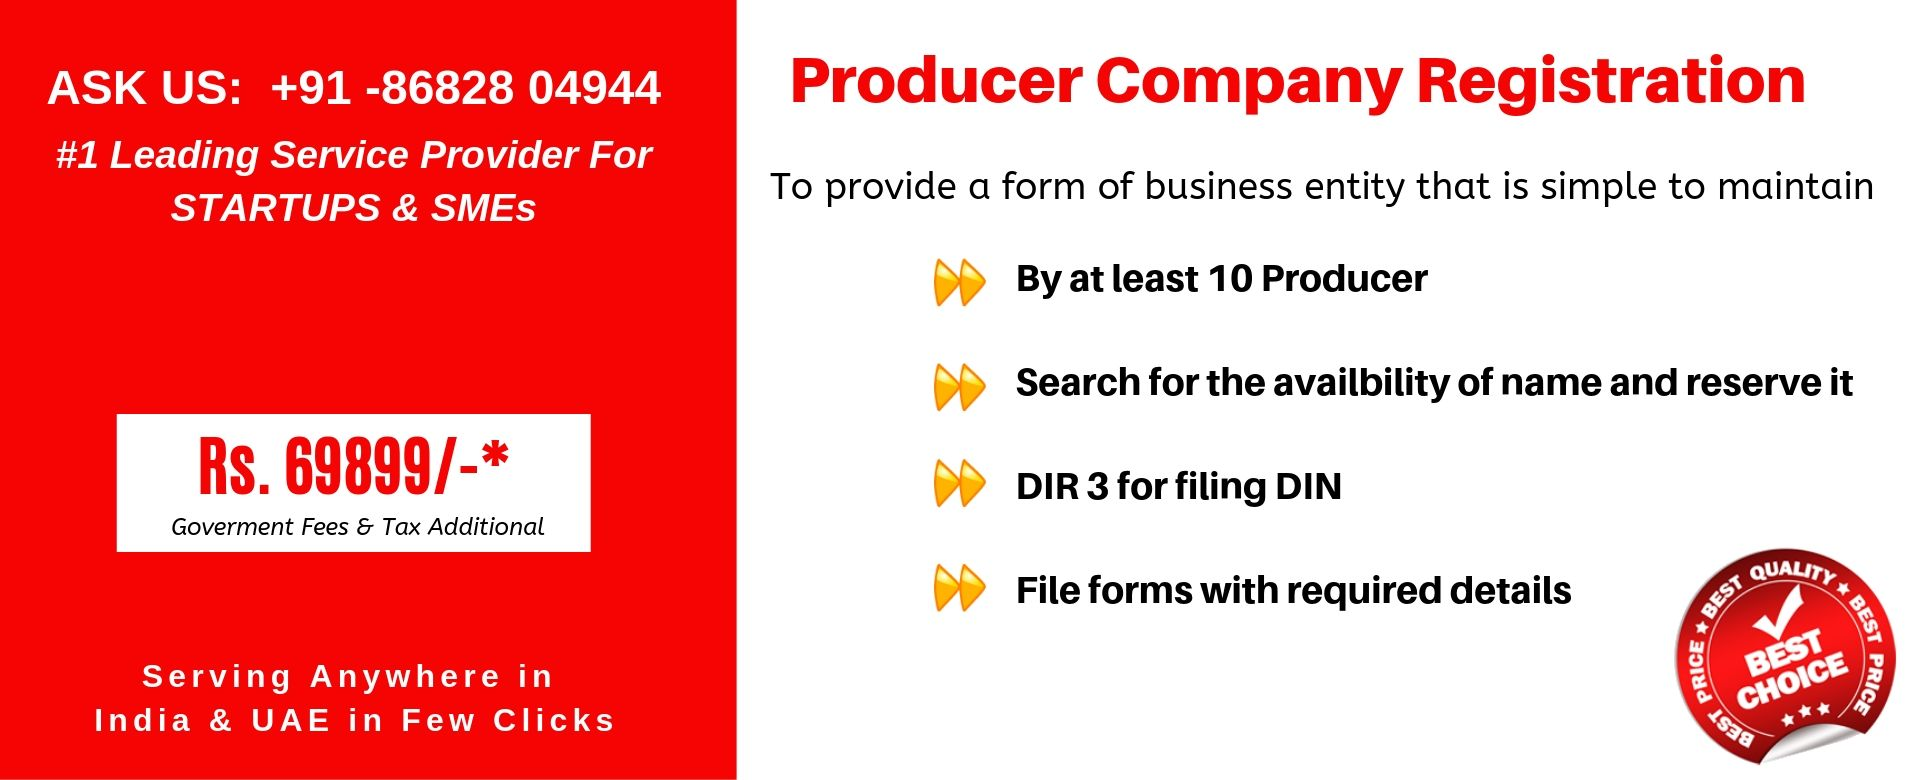 producer company india